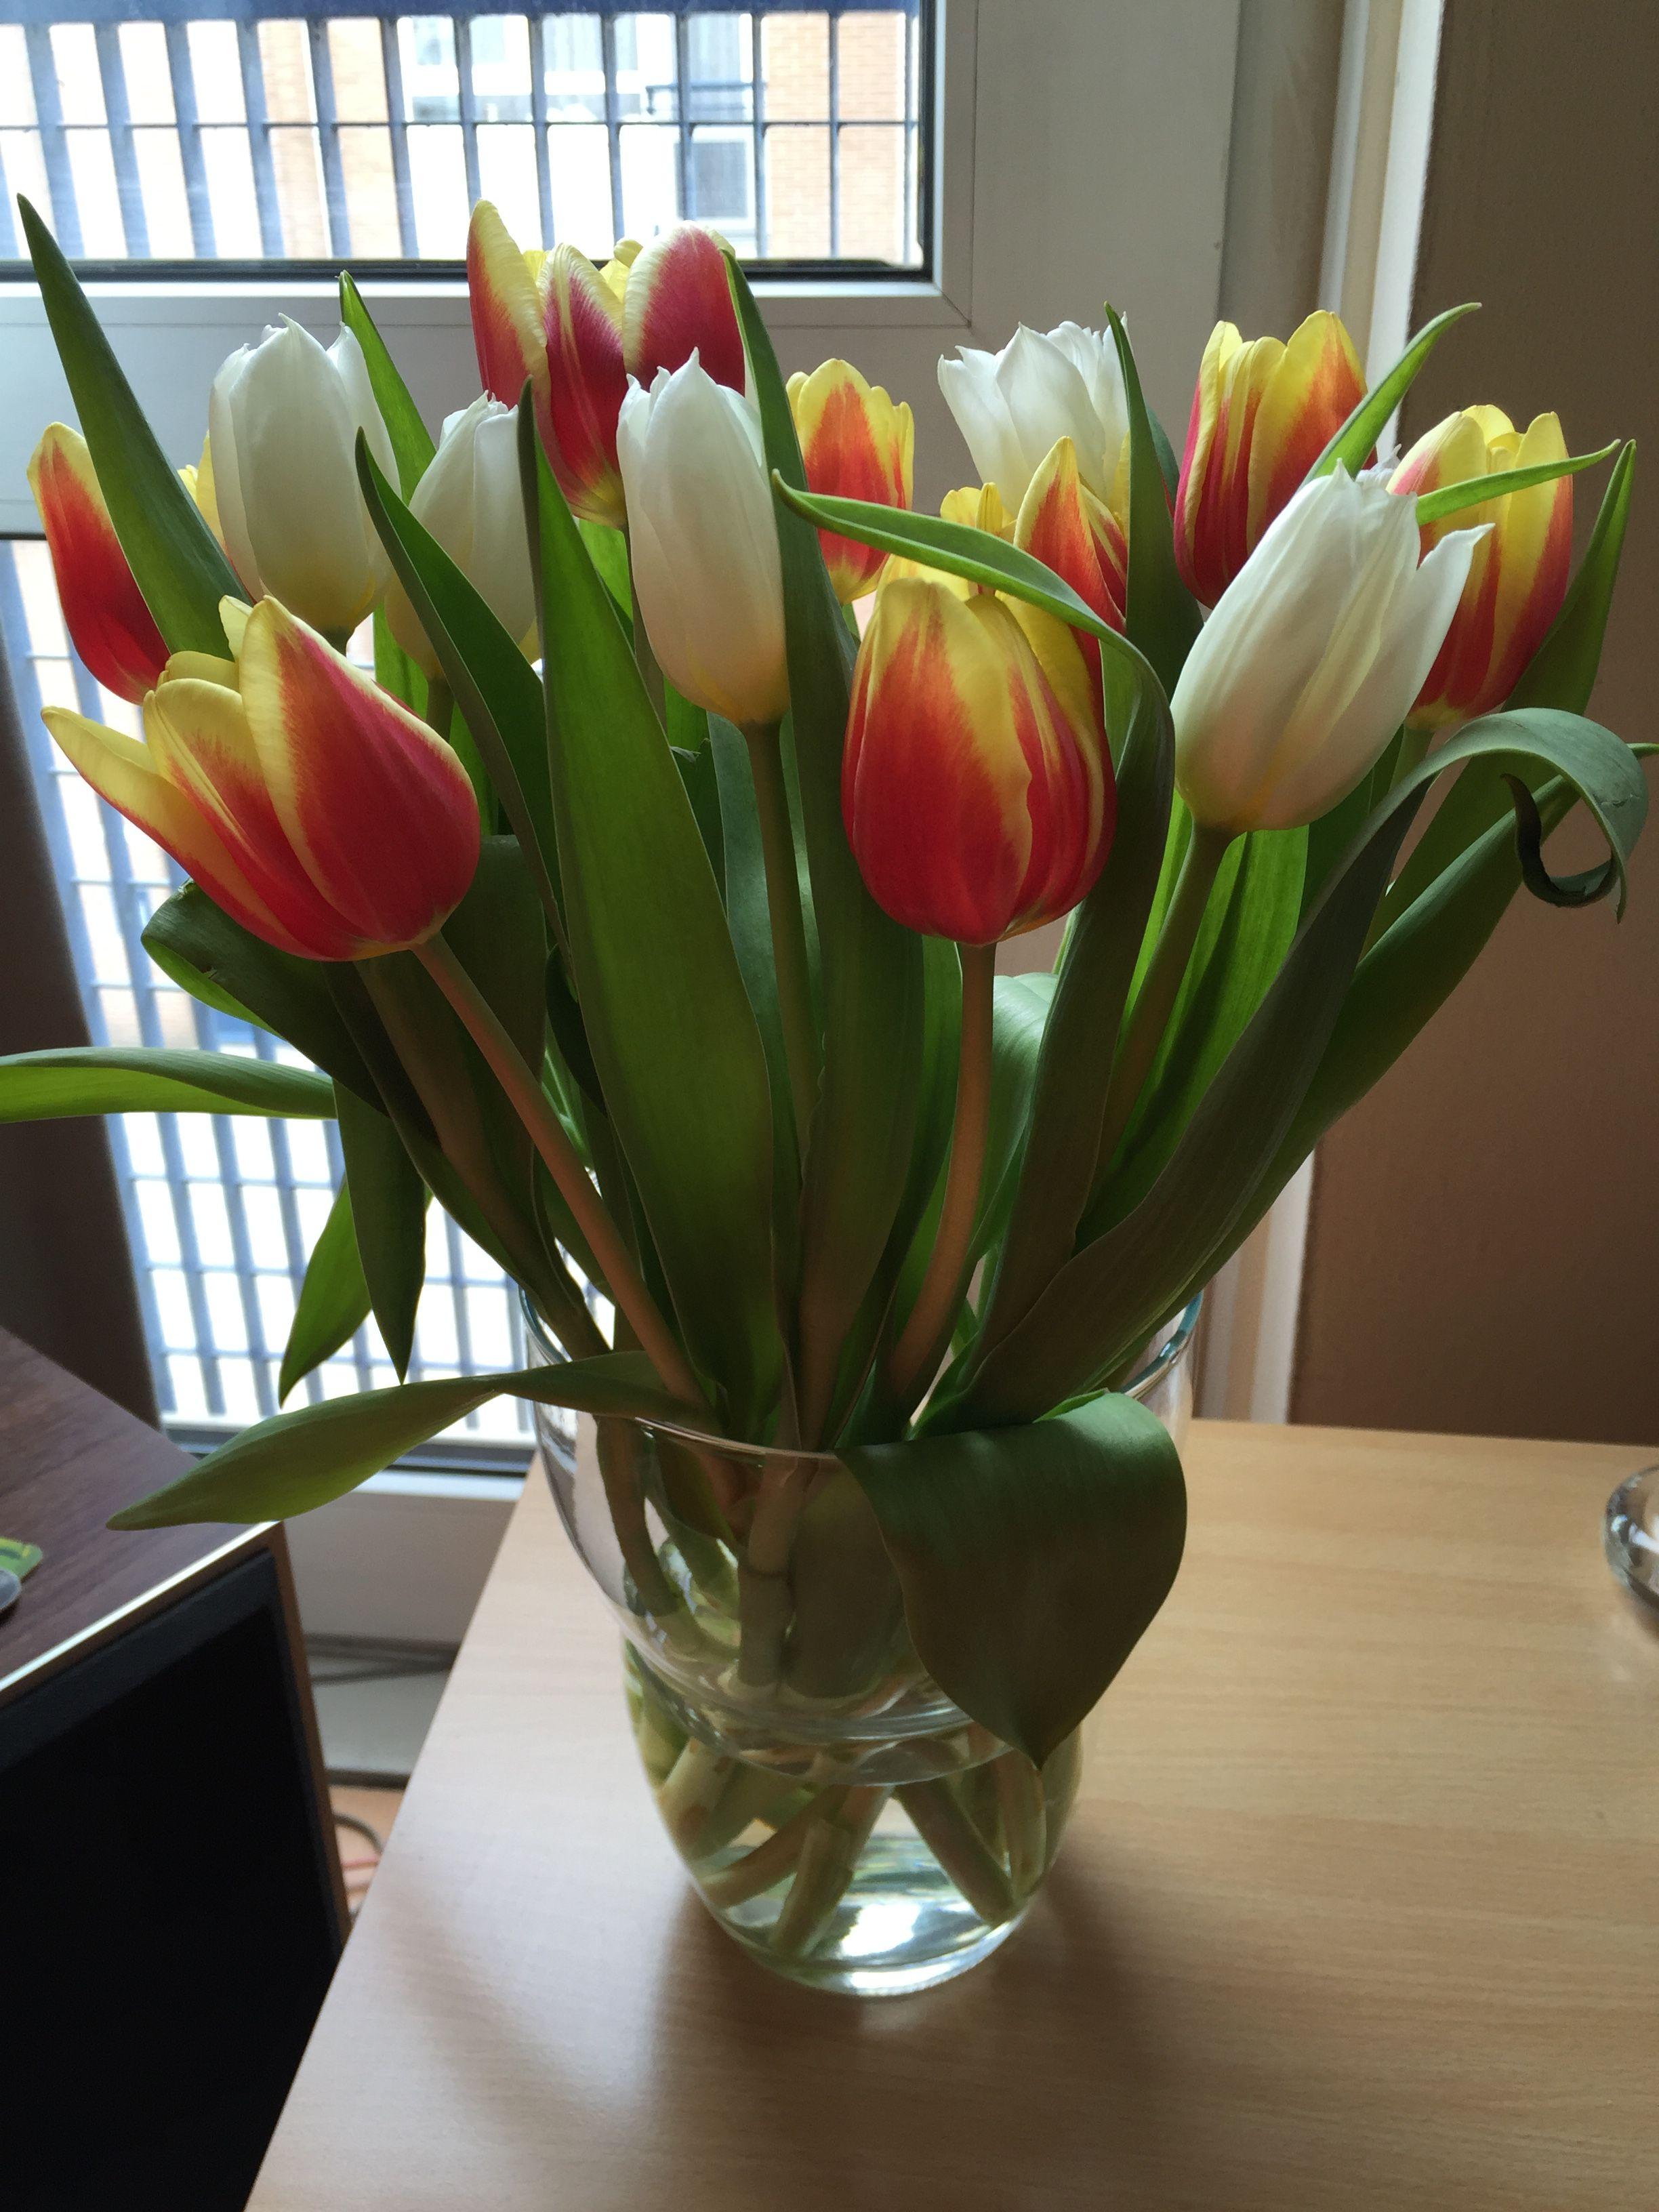 Tulips, Vase, Tulips Flowers, Flower Vases, Tulip, Jar